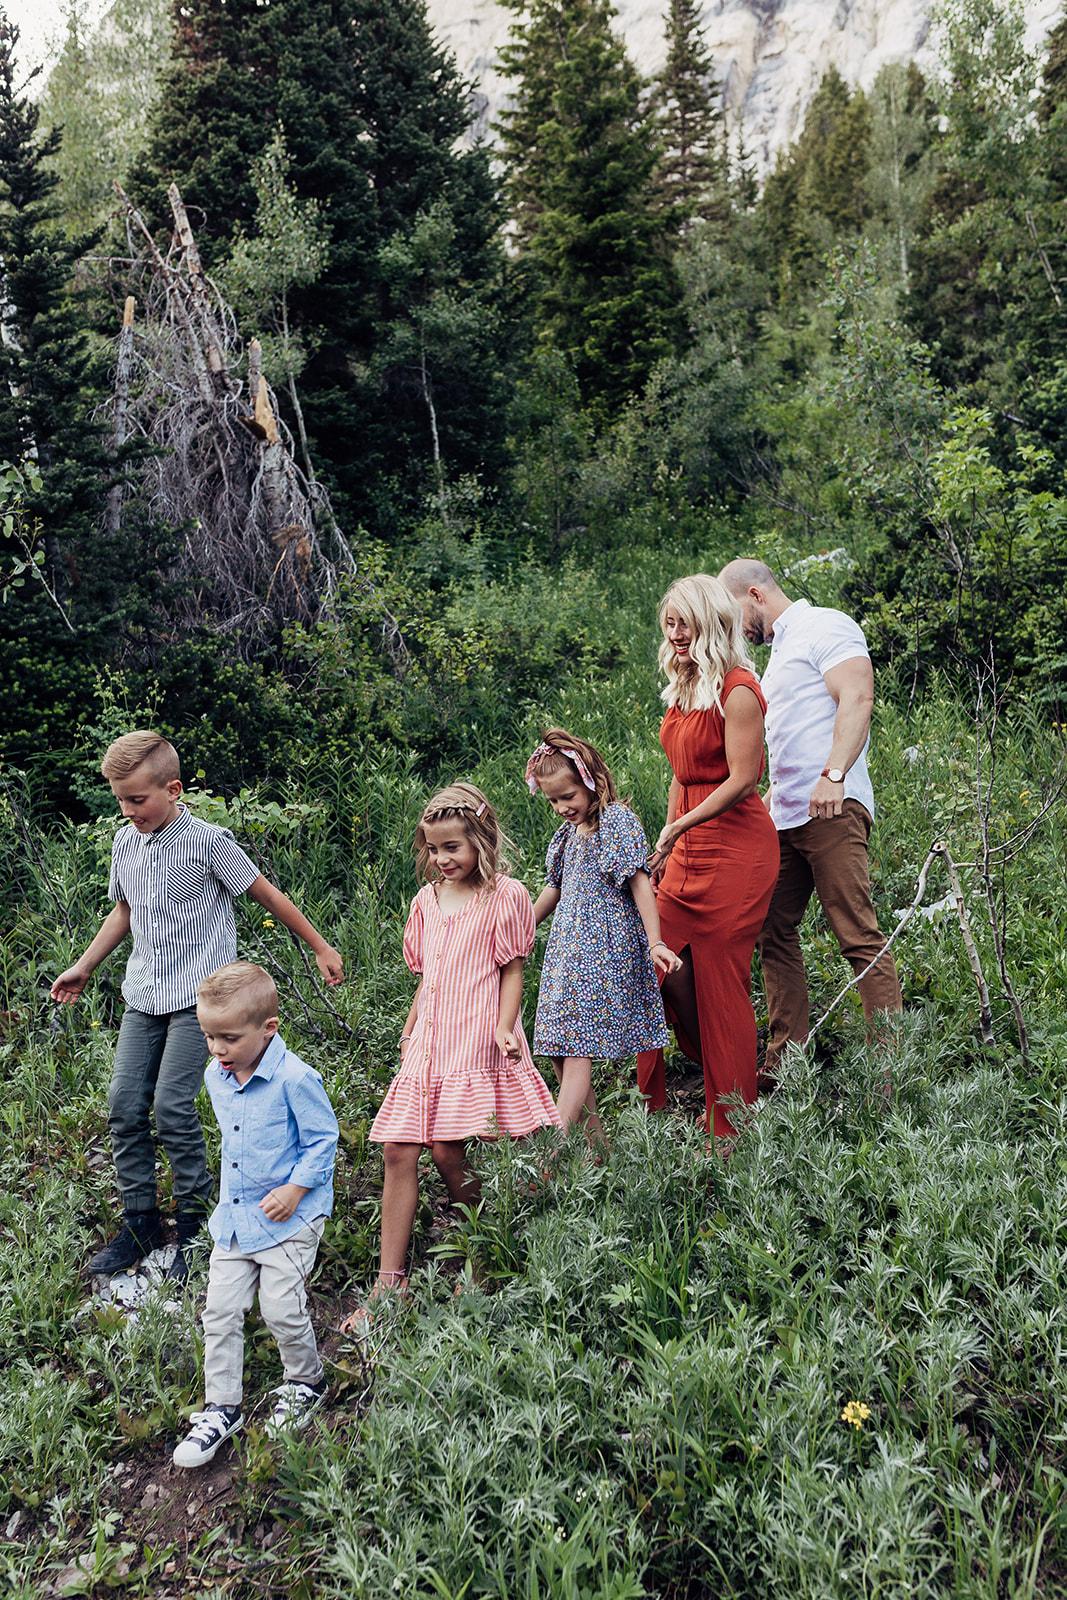 Get great family photos! www.twistmepretty.com